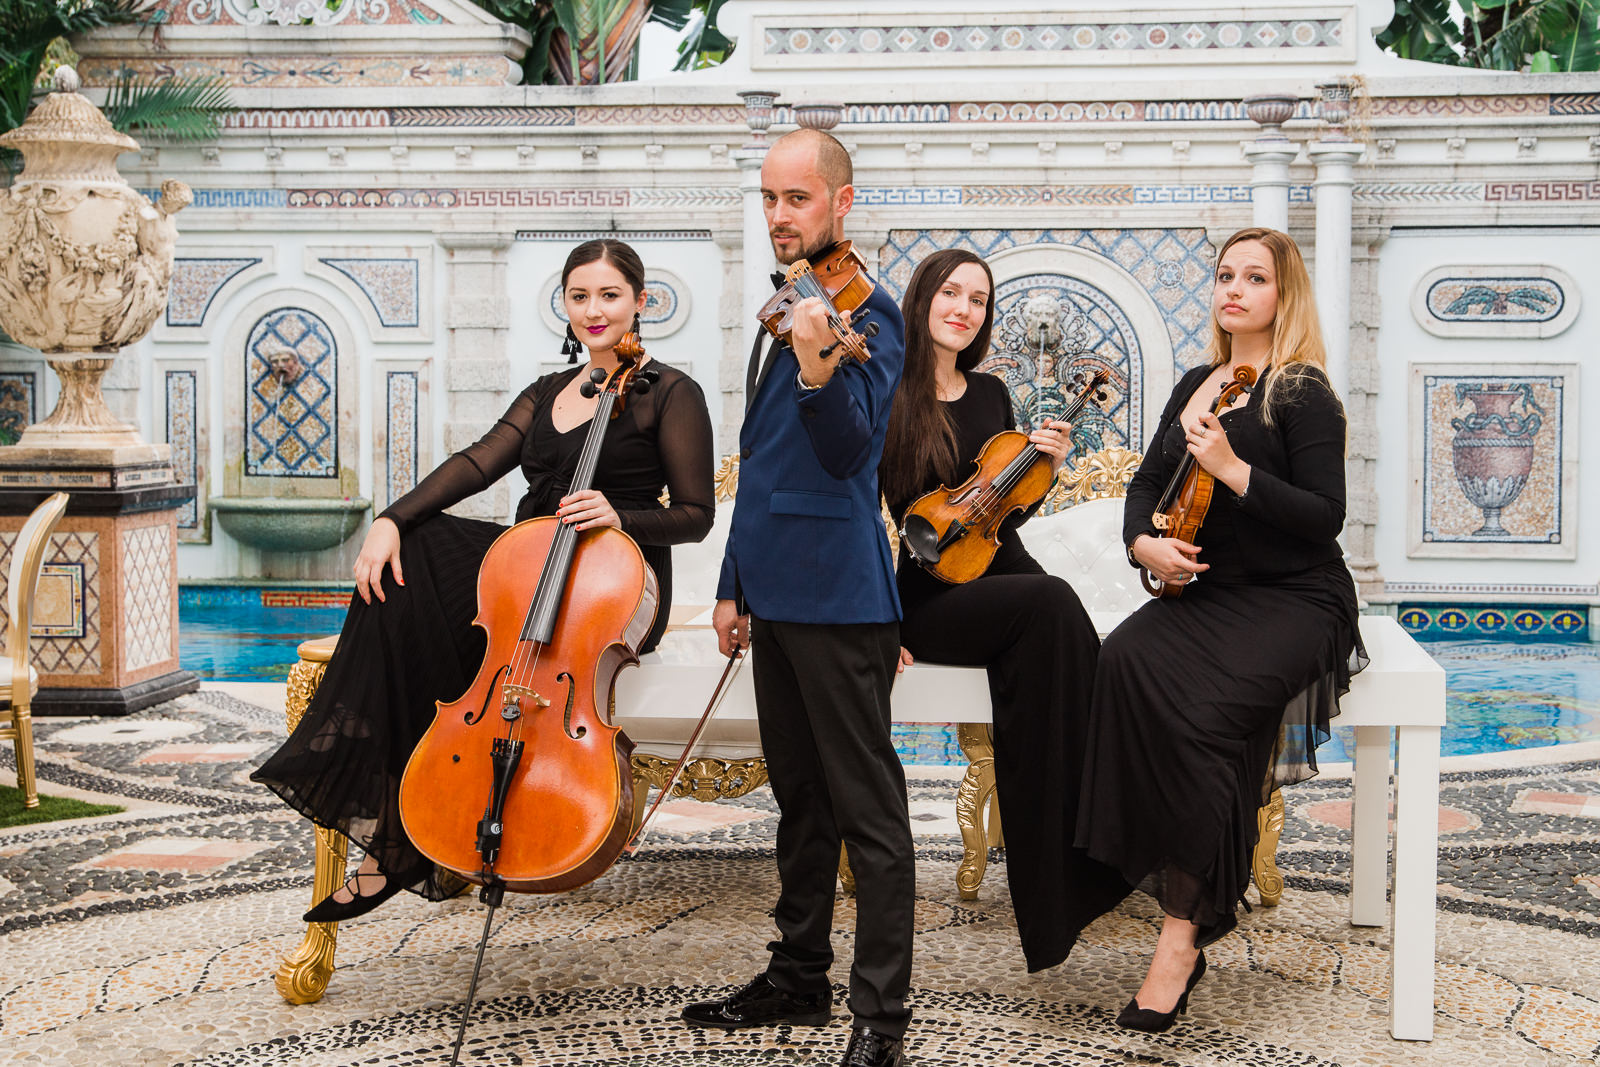 The_best_wedding_musicians_usa